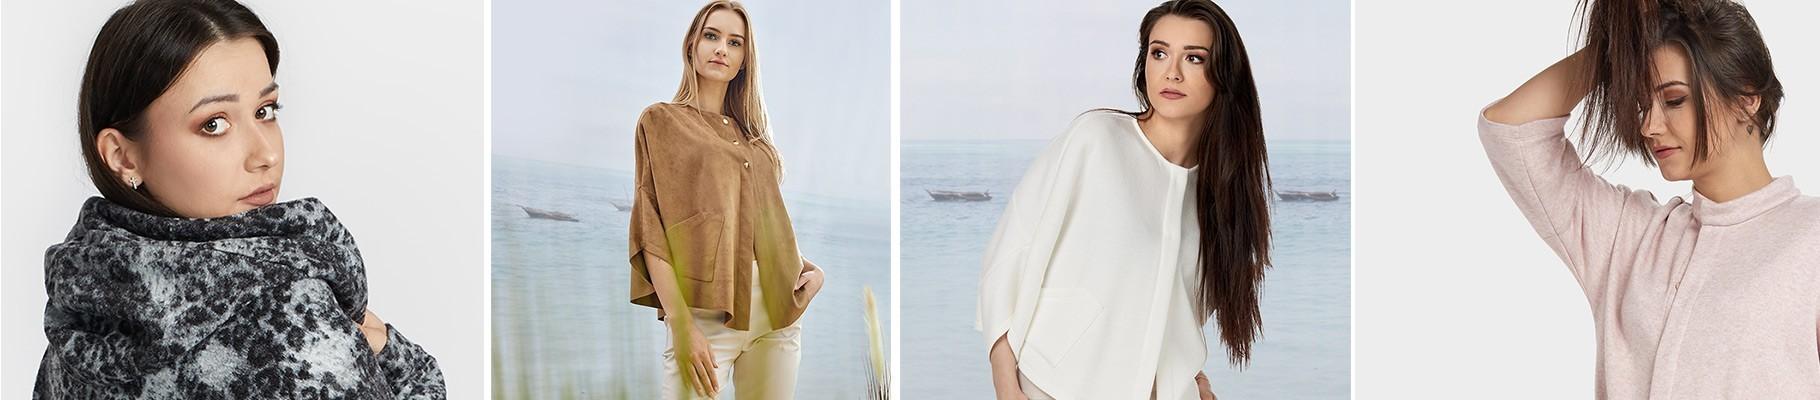 Producent swetrów i kardiganów oferuje modne fasony z doskonałych jakościowo tkanin i dzianin, sweterki gładkie i drukowane, z golfem i kapturem, kardigany oversizowe, luźne eleganckie i nowoczesne - Swetry kardigany Bee Collection